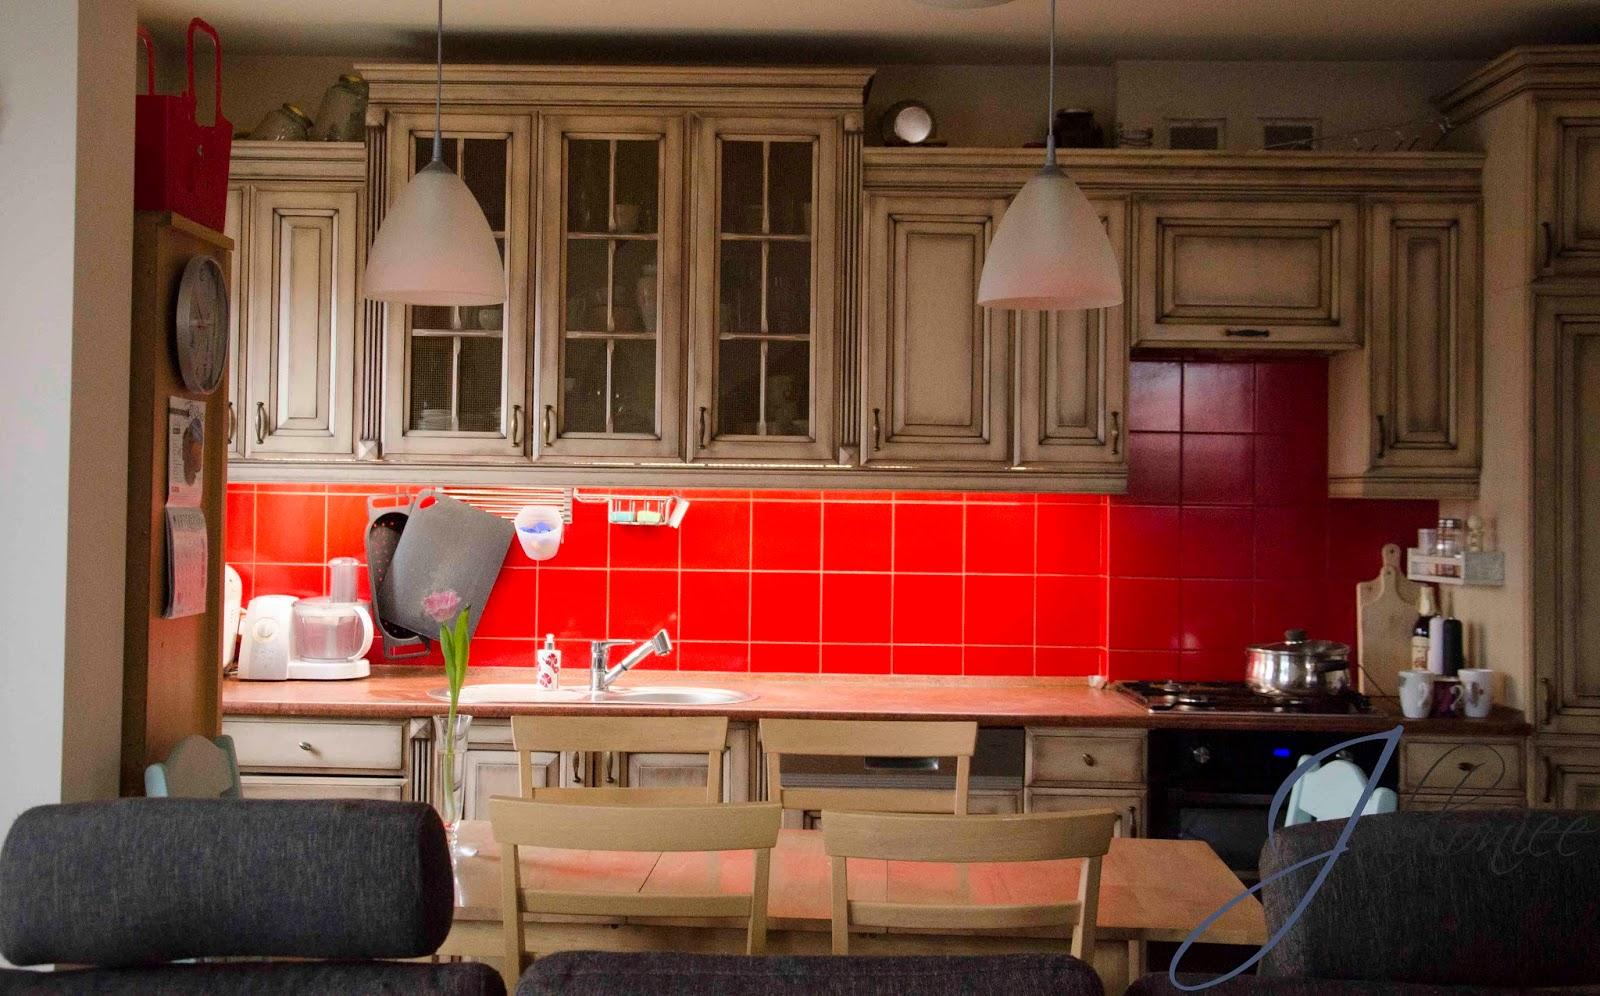 Metamorfoaza Kuchni Malowanie